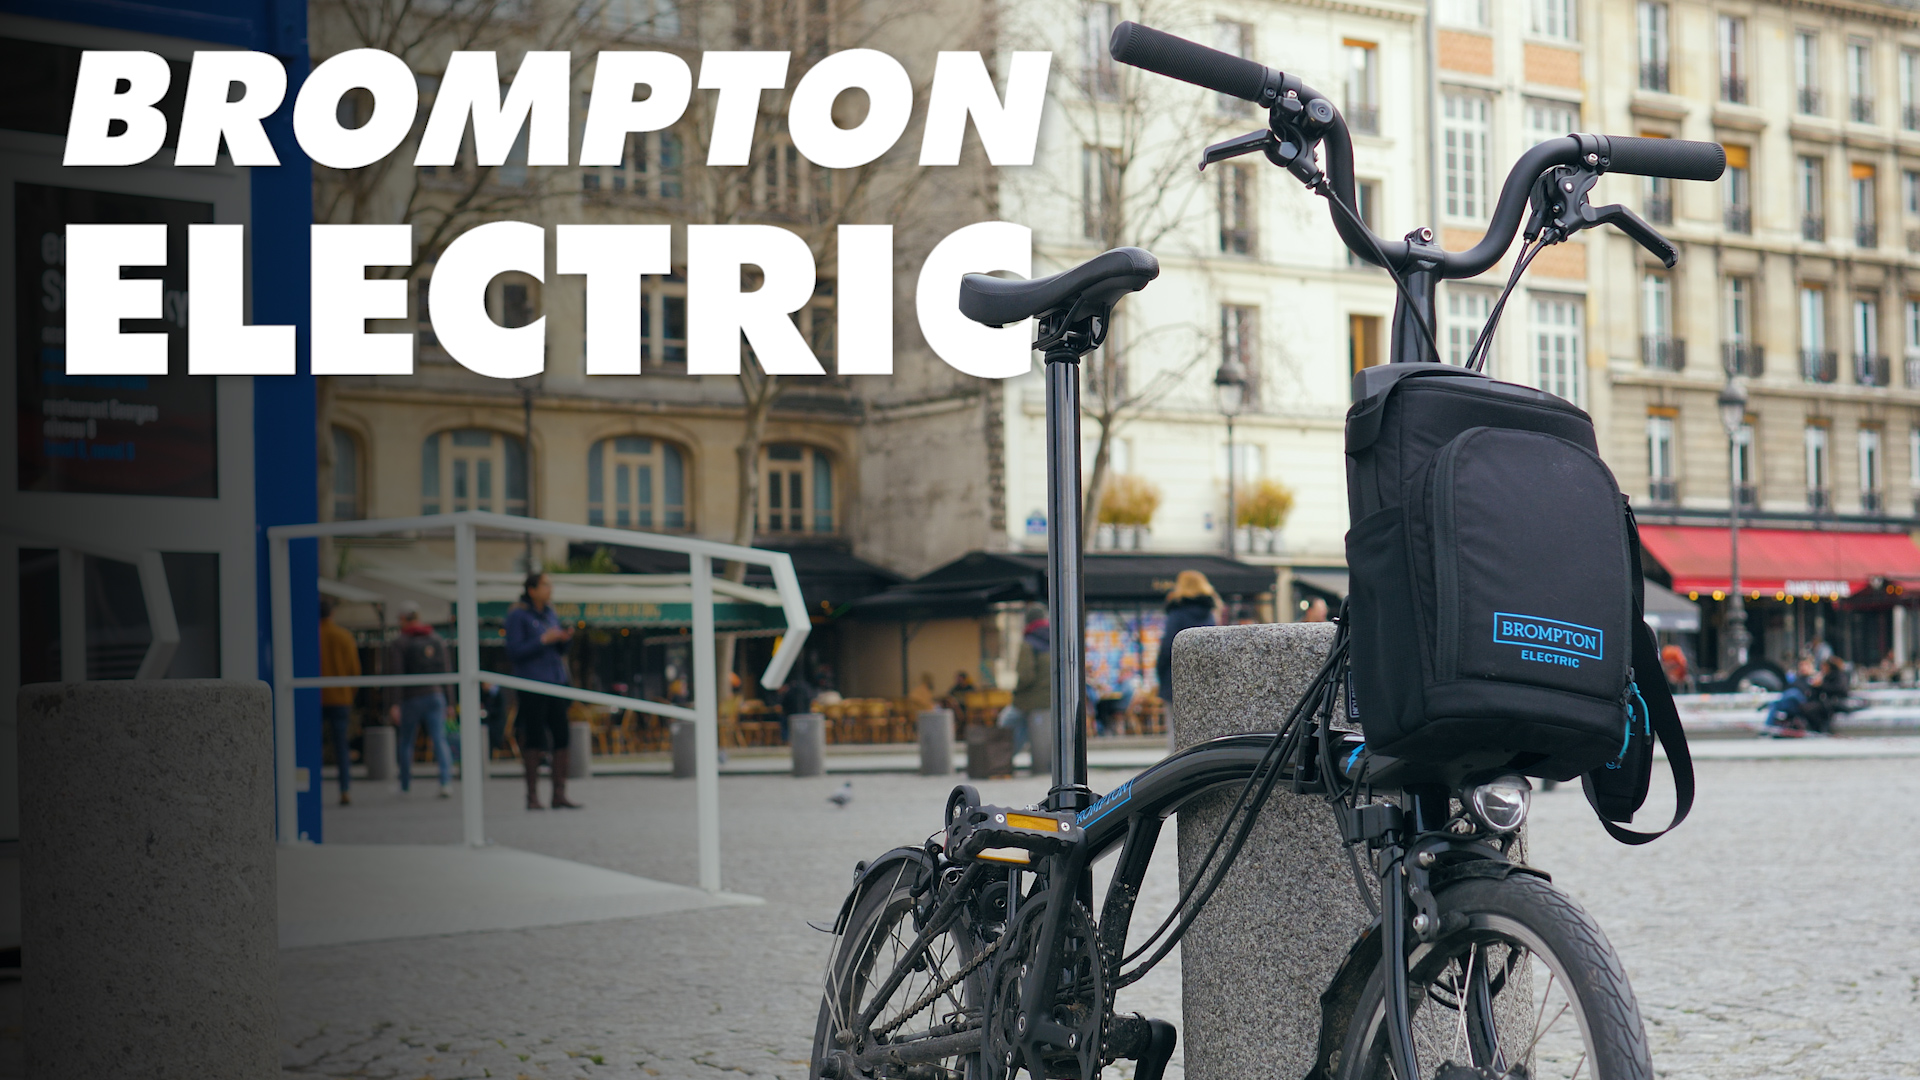 On a testé le Brompton Electric : fallait-il vraiment électrifier la star des vélos pliables ?